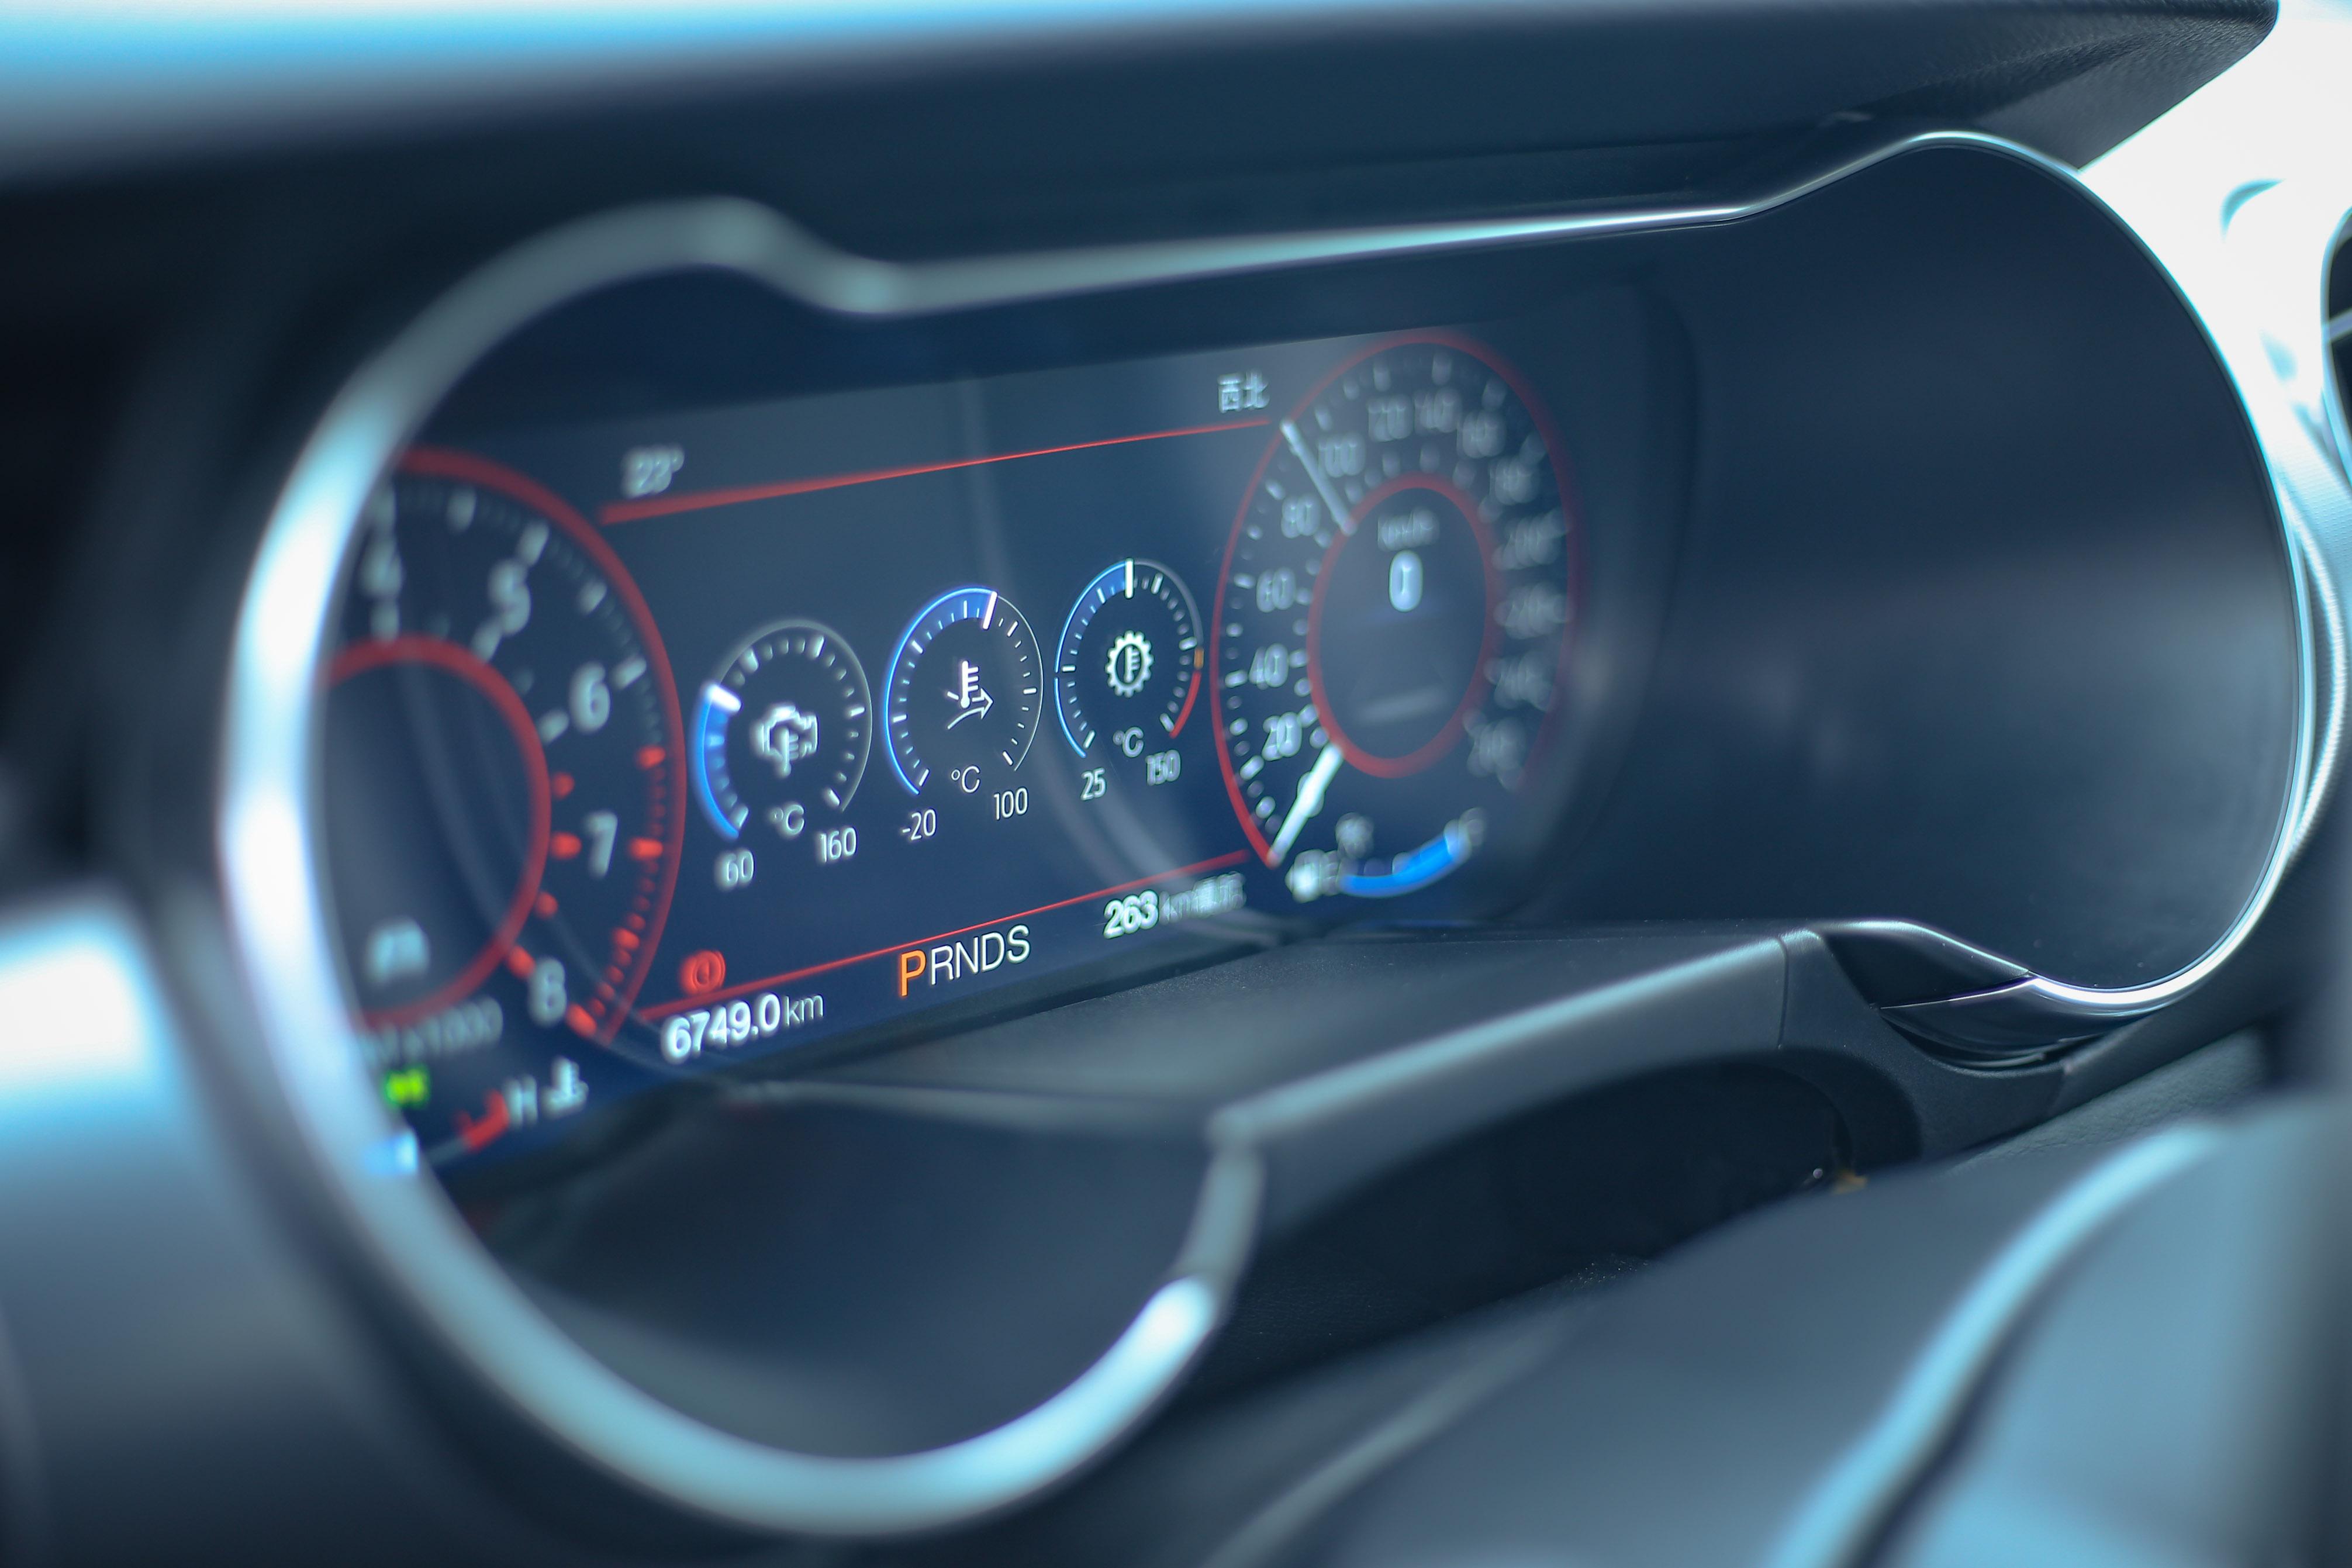 12.3 吋全液晶多功能顯示儀錶螢幕也是標配。